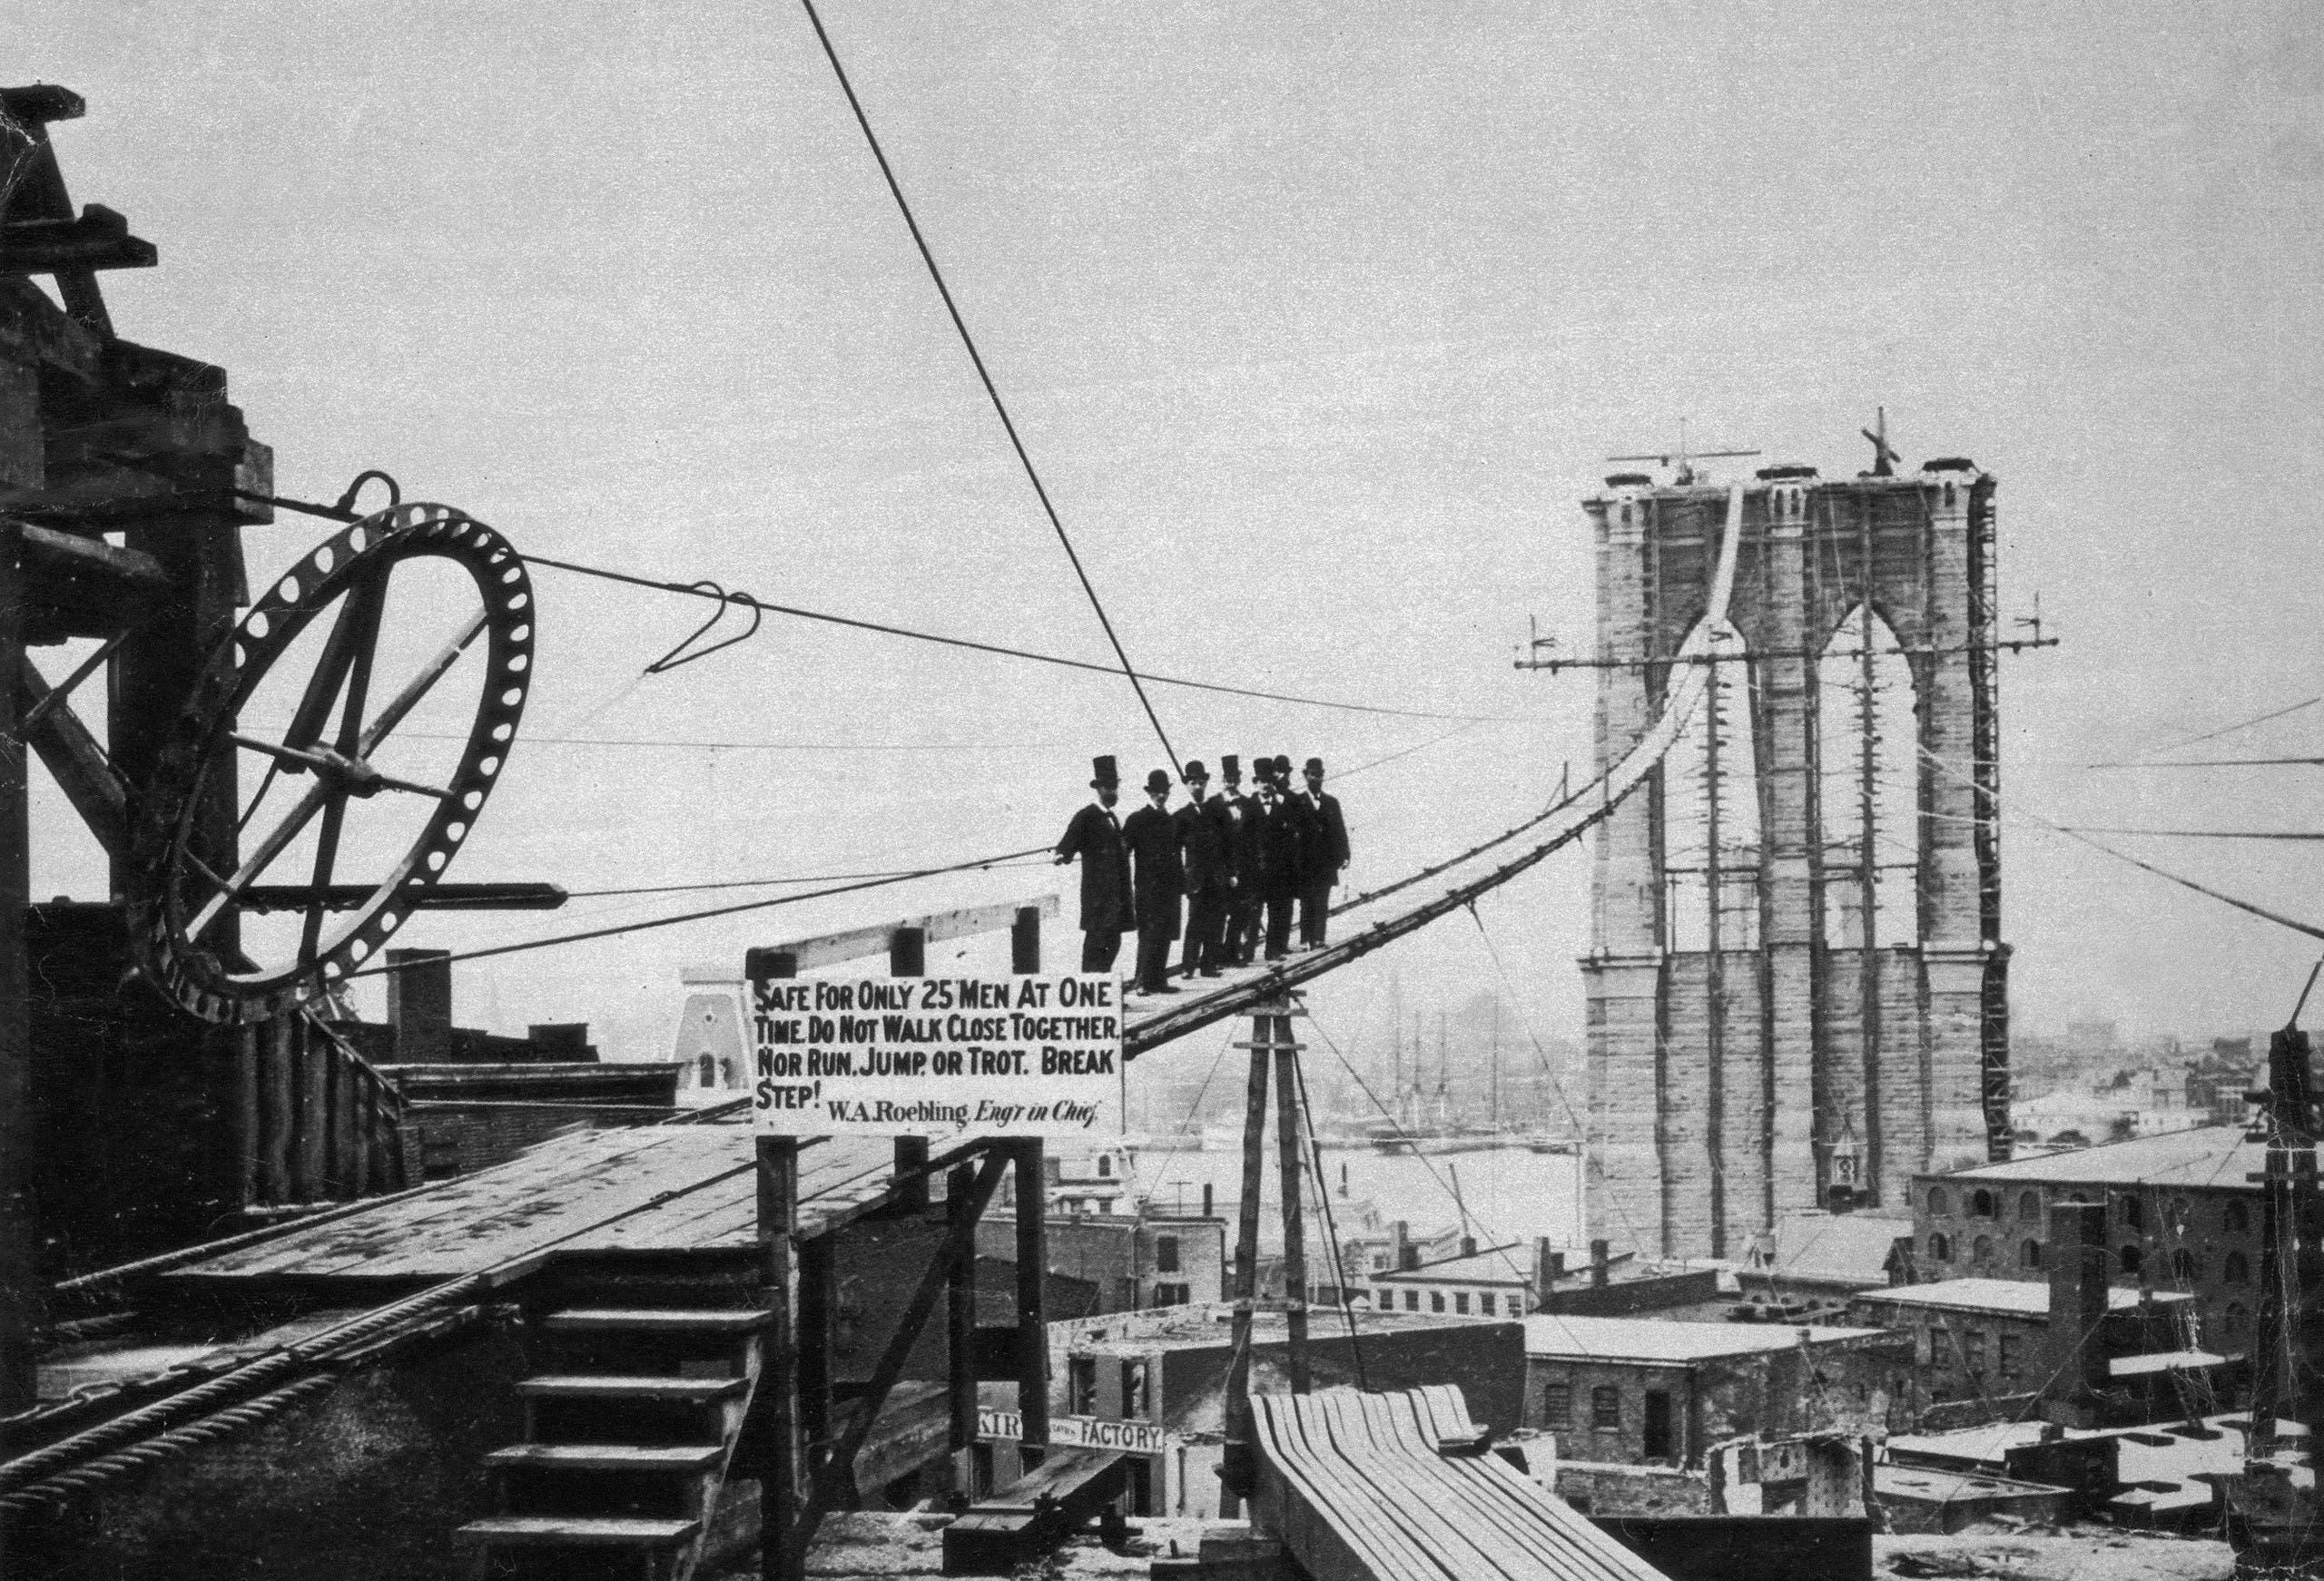 صورة لجانب من الأشغال بجسر بروكلين وهو قيد الإنشاء